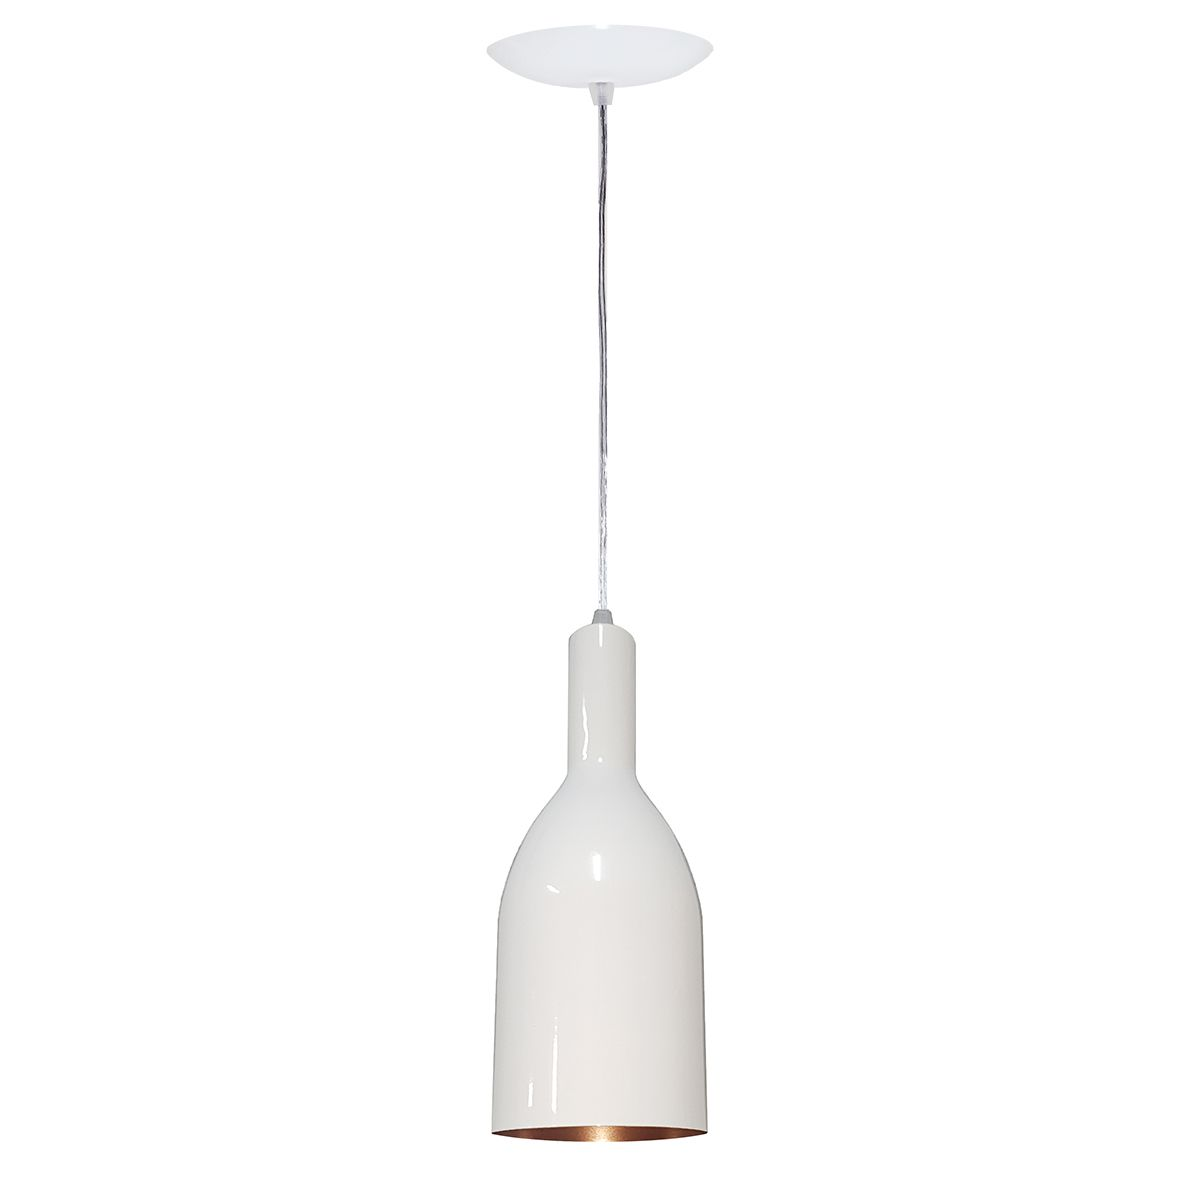 Luminária Decorativa Garrafa Branco/Cobre com Pendente